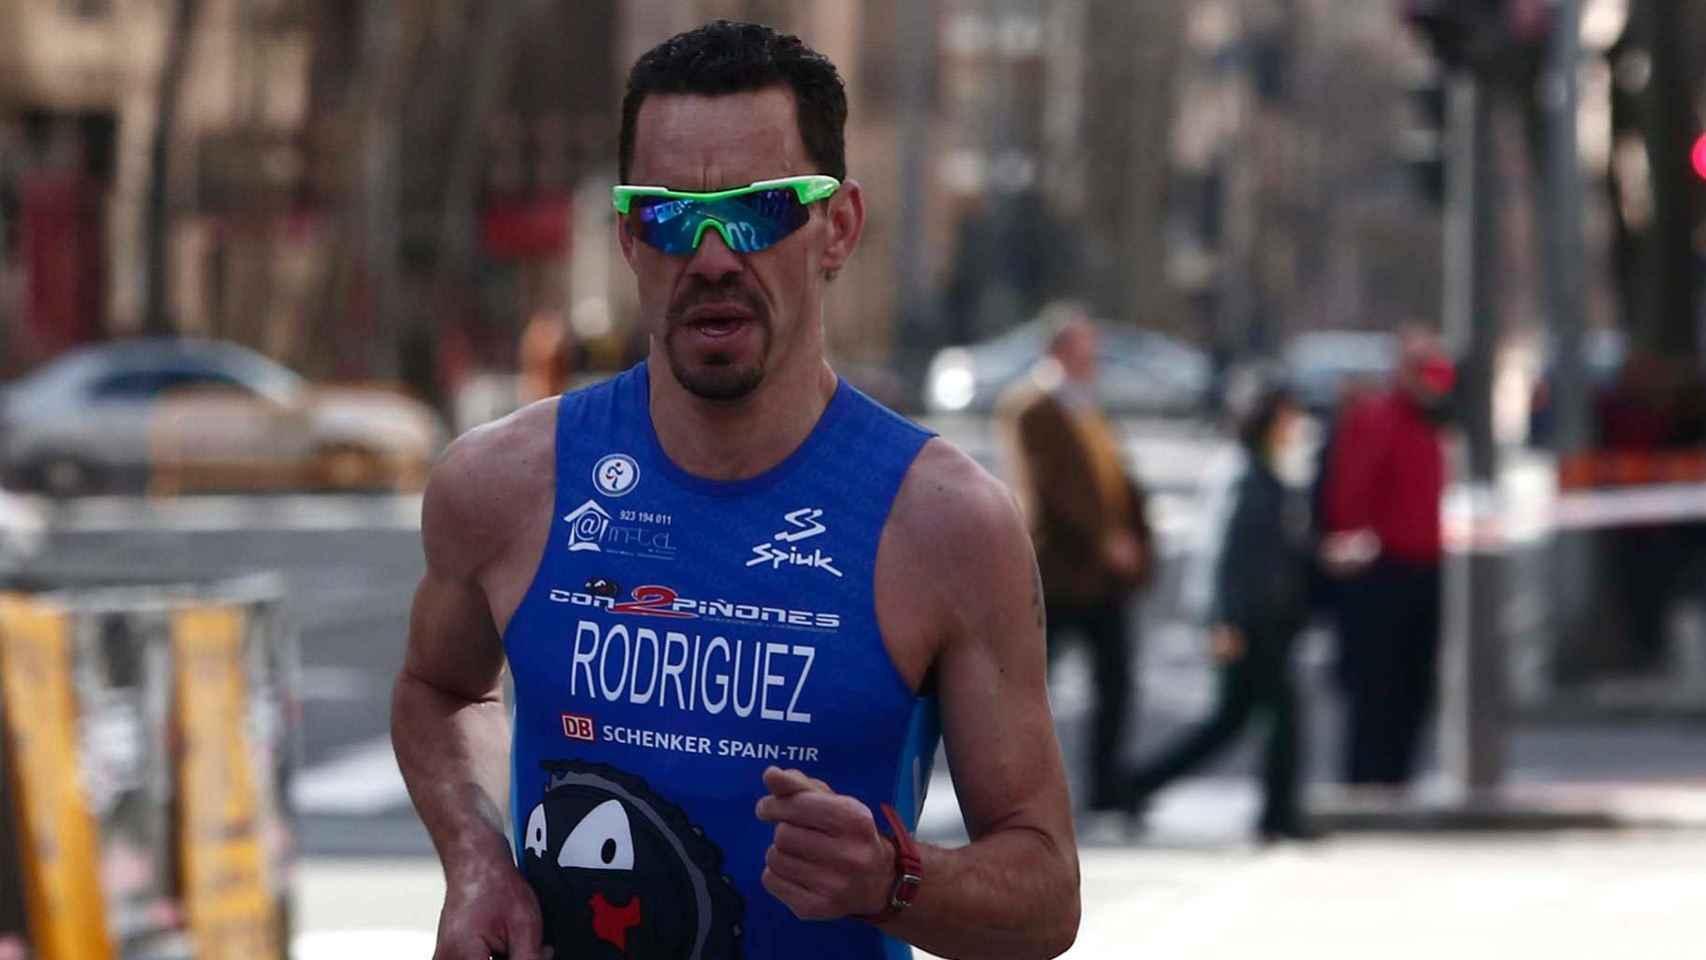 El exciclista Alexis Rodríguez, en un duatlón en 2014.